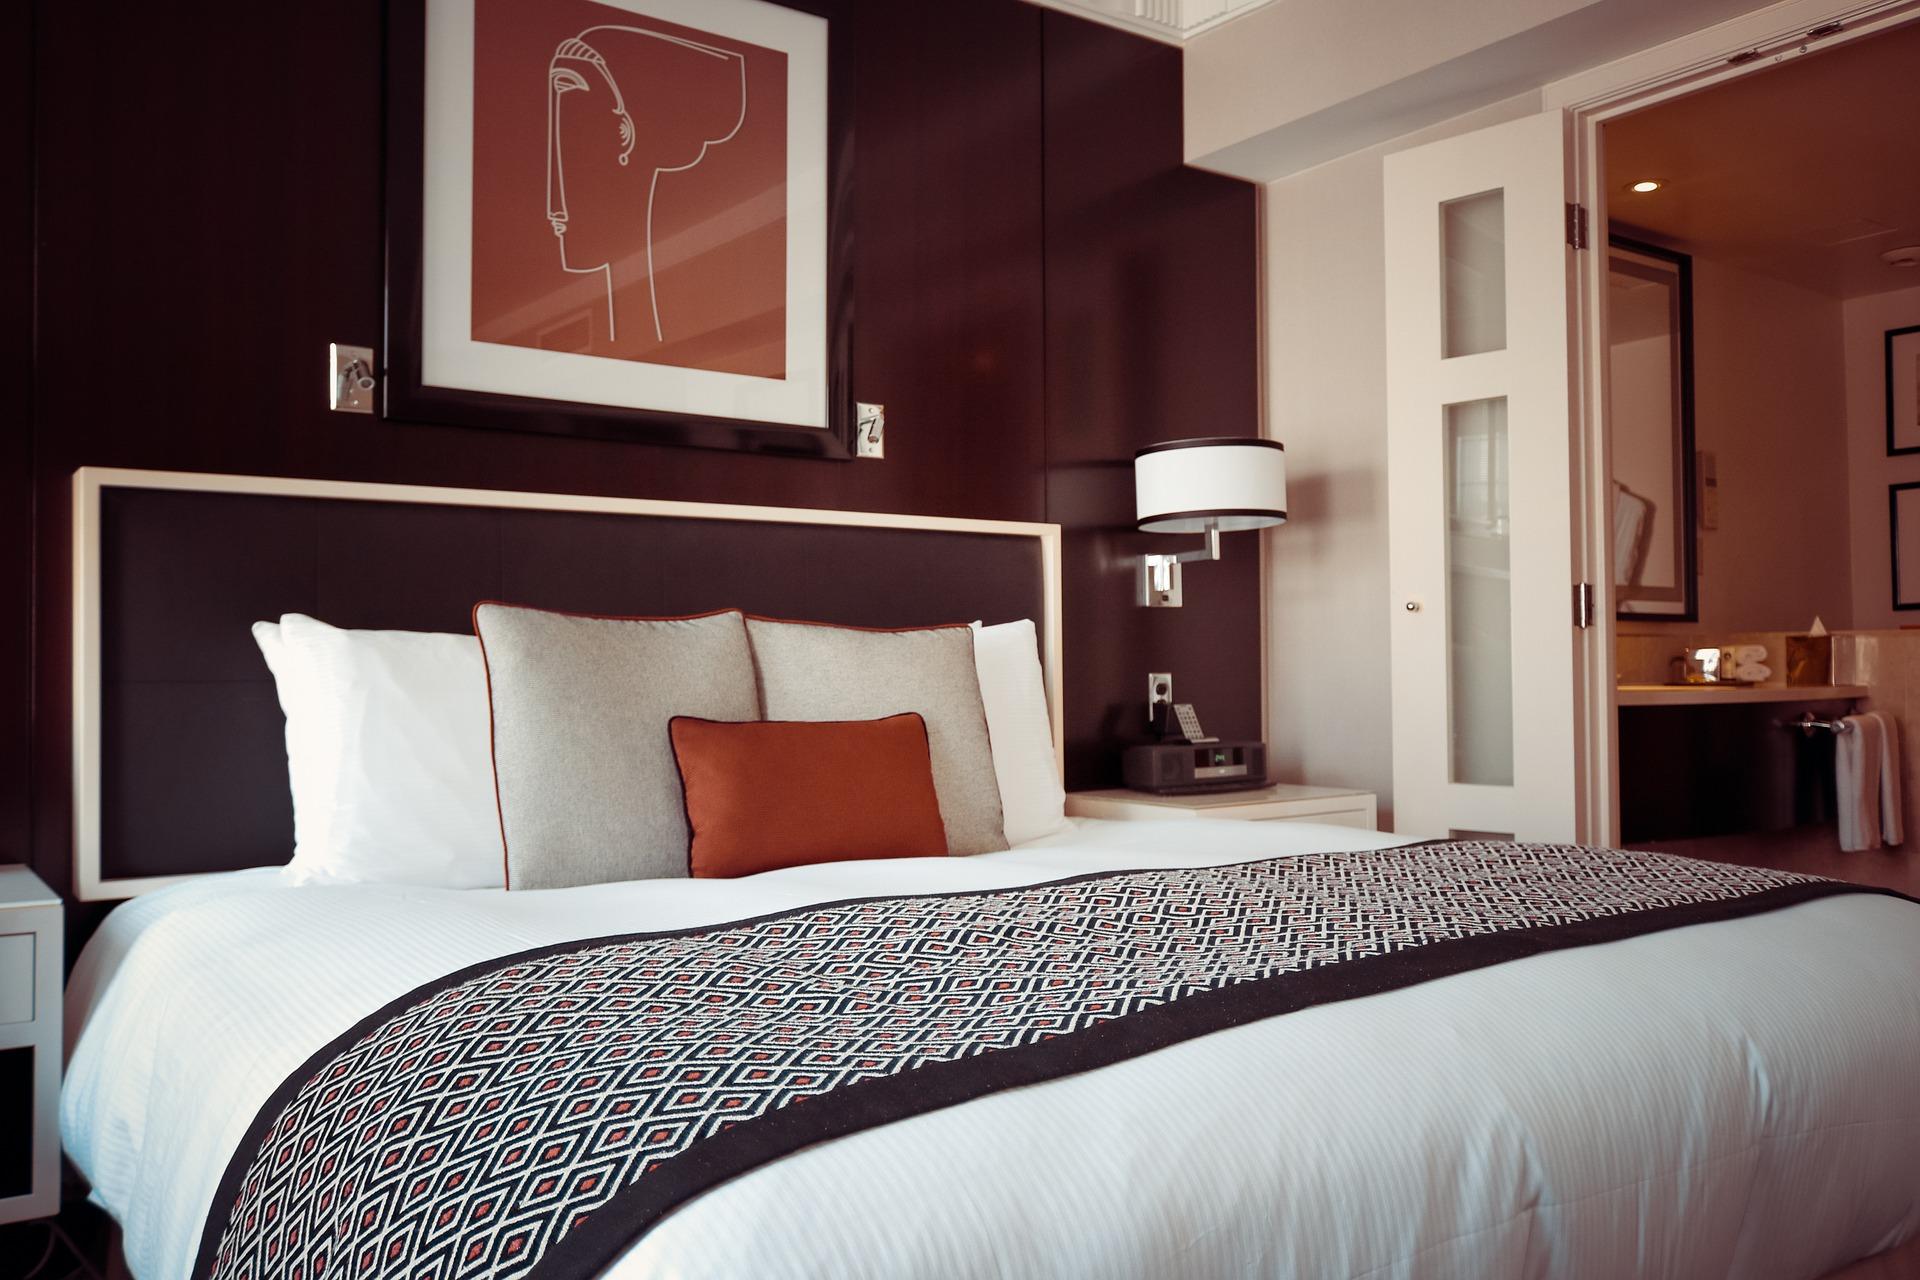 Hotels in Abuja